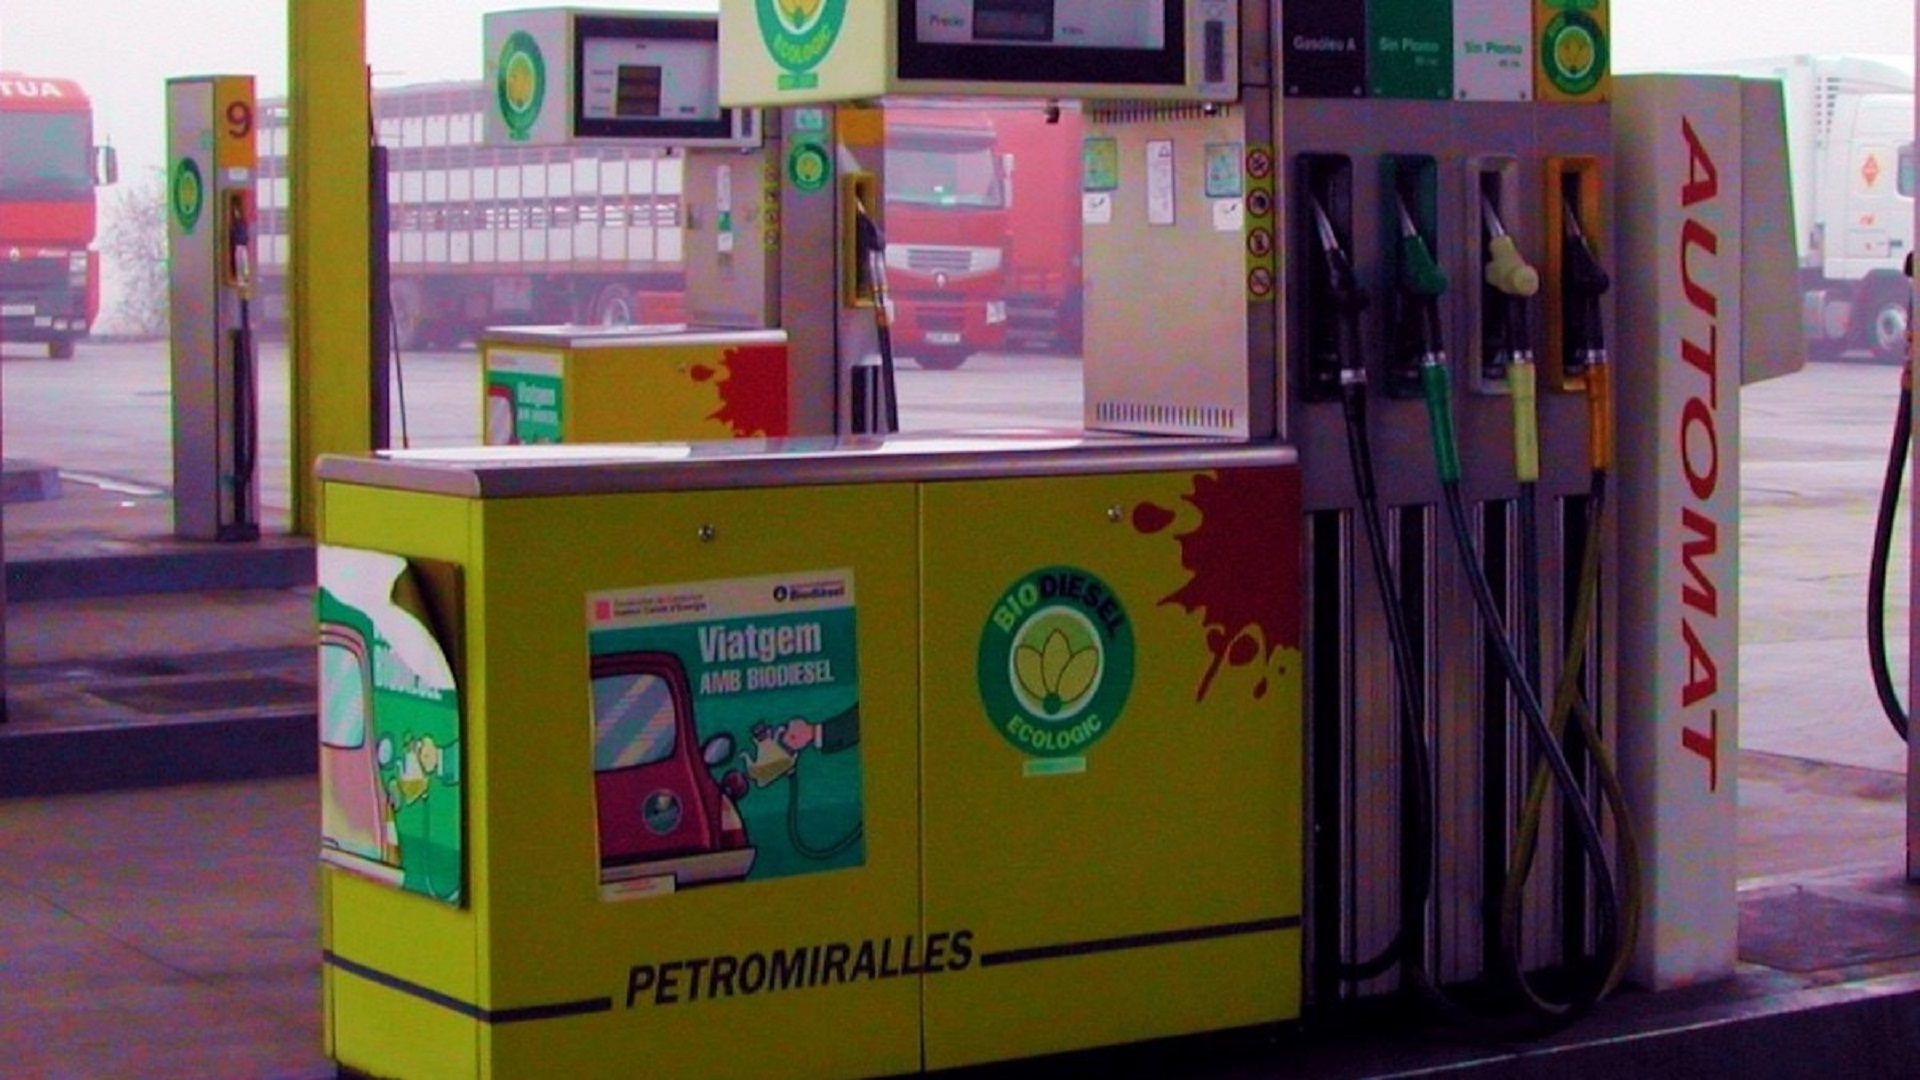 Diesel pump at petrol station